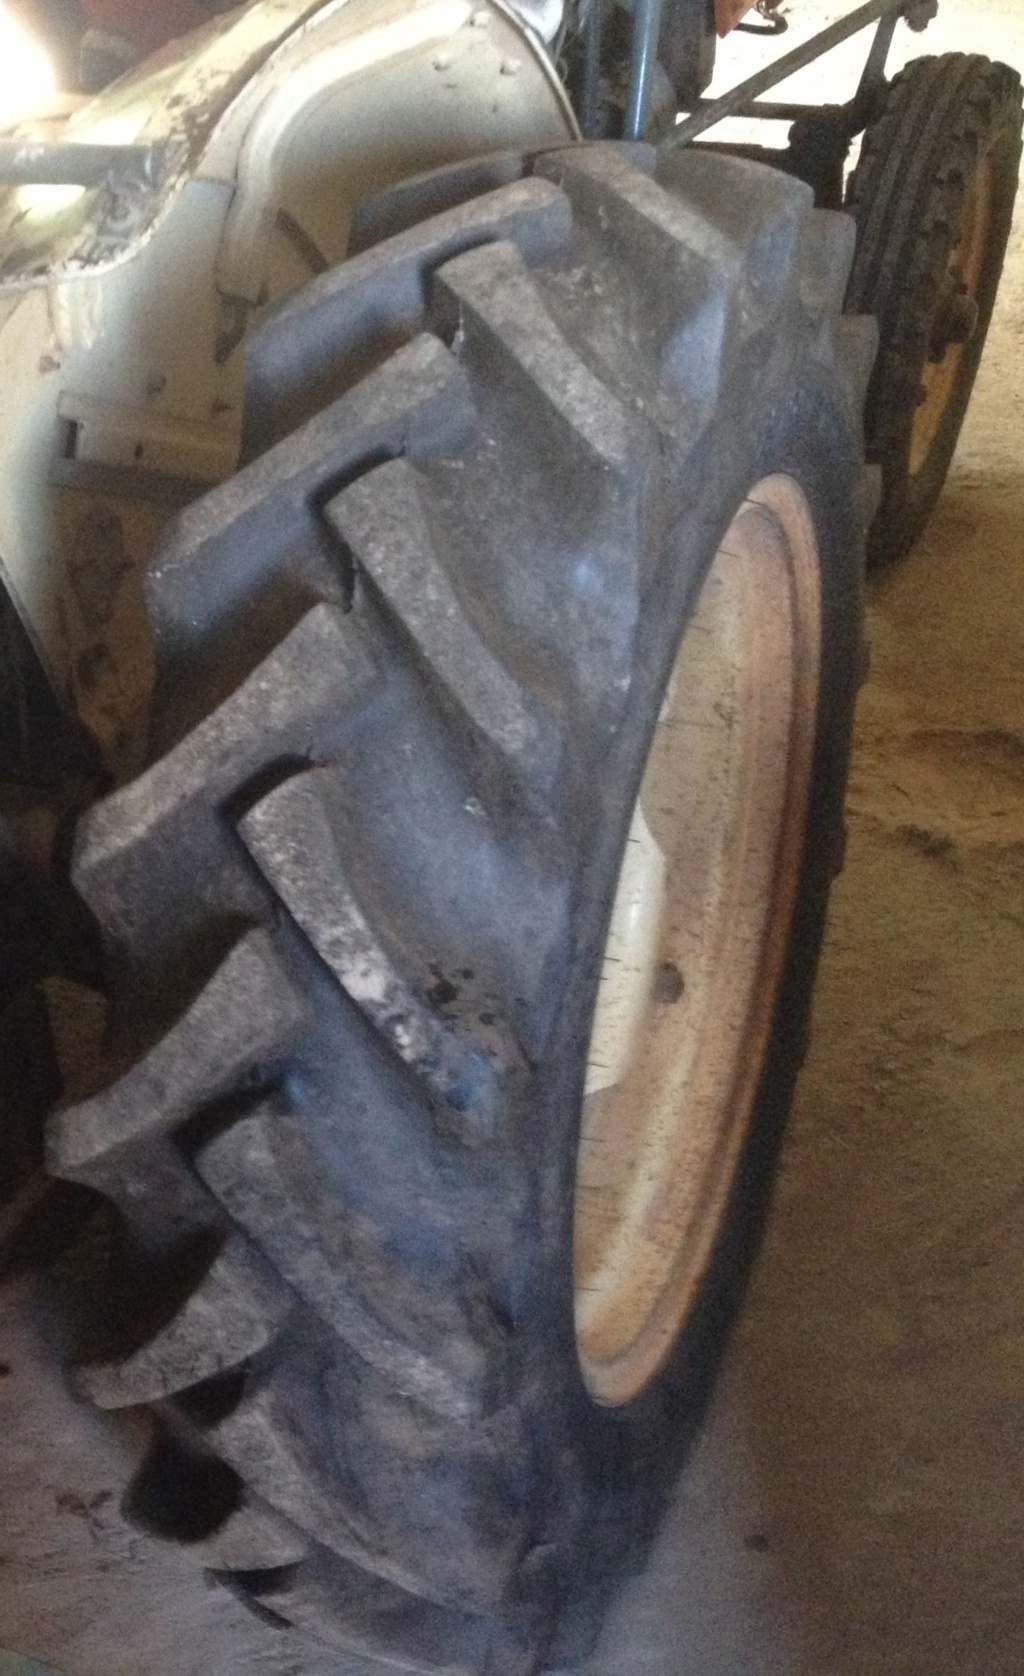 ¿Qué marca neumáticos le pones a tu tractor? - Página 3 Ww10